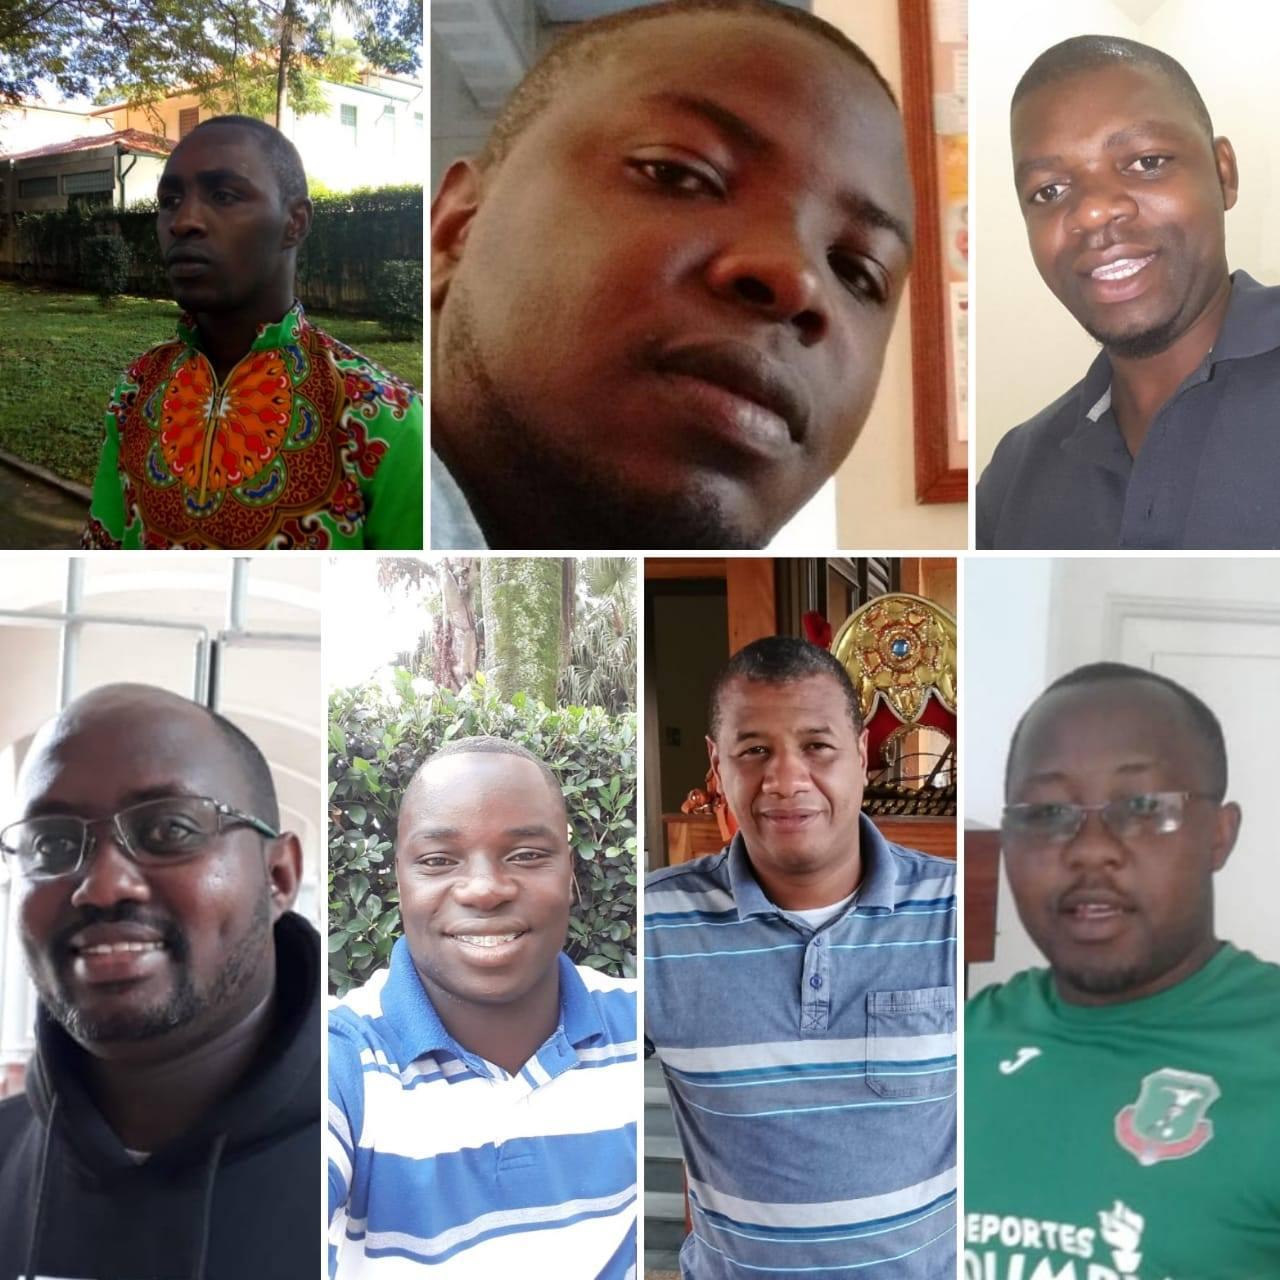 Da esq. para dir.: Ibrahim (professará 31/07), Filbert, Horácio (professará 14/08), Betino, Boina, Brás e Malius.